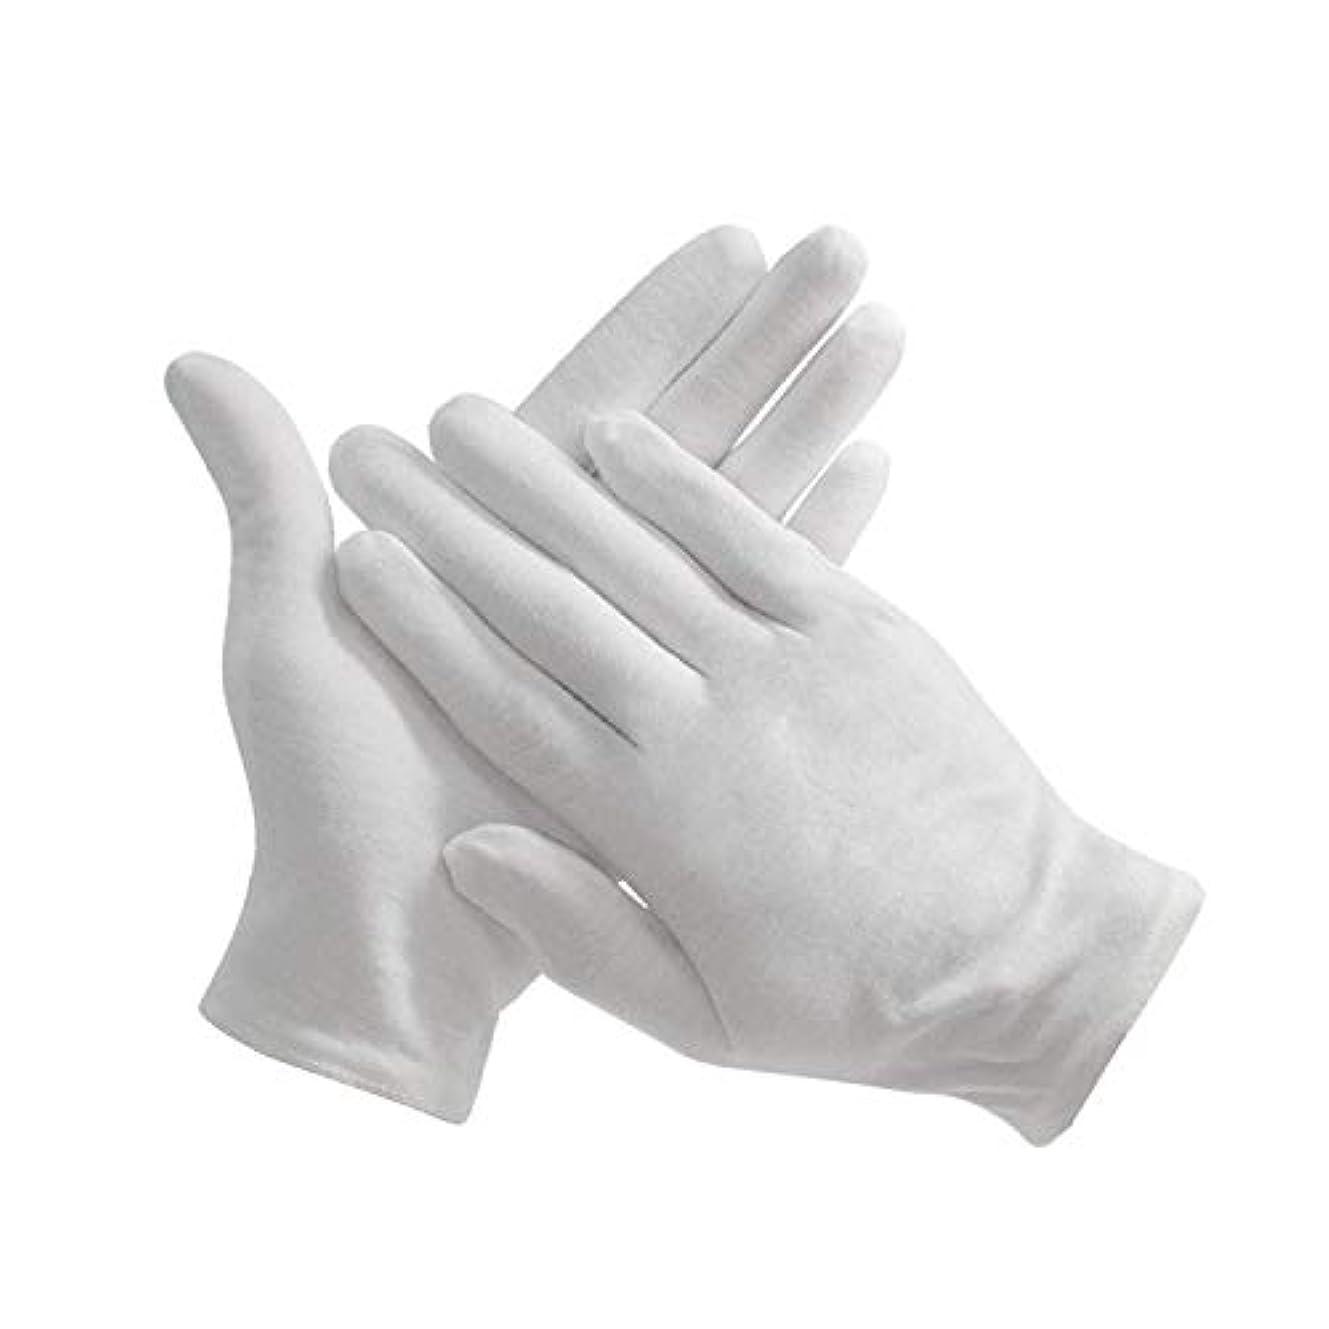 中国見物人スパーク12双組 手袋 綿手袋 手荒れ 純綿使い捨て 白手袋 薄手 お休み 湿疹 保湿 白手袋